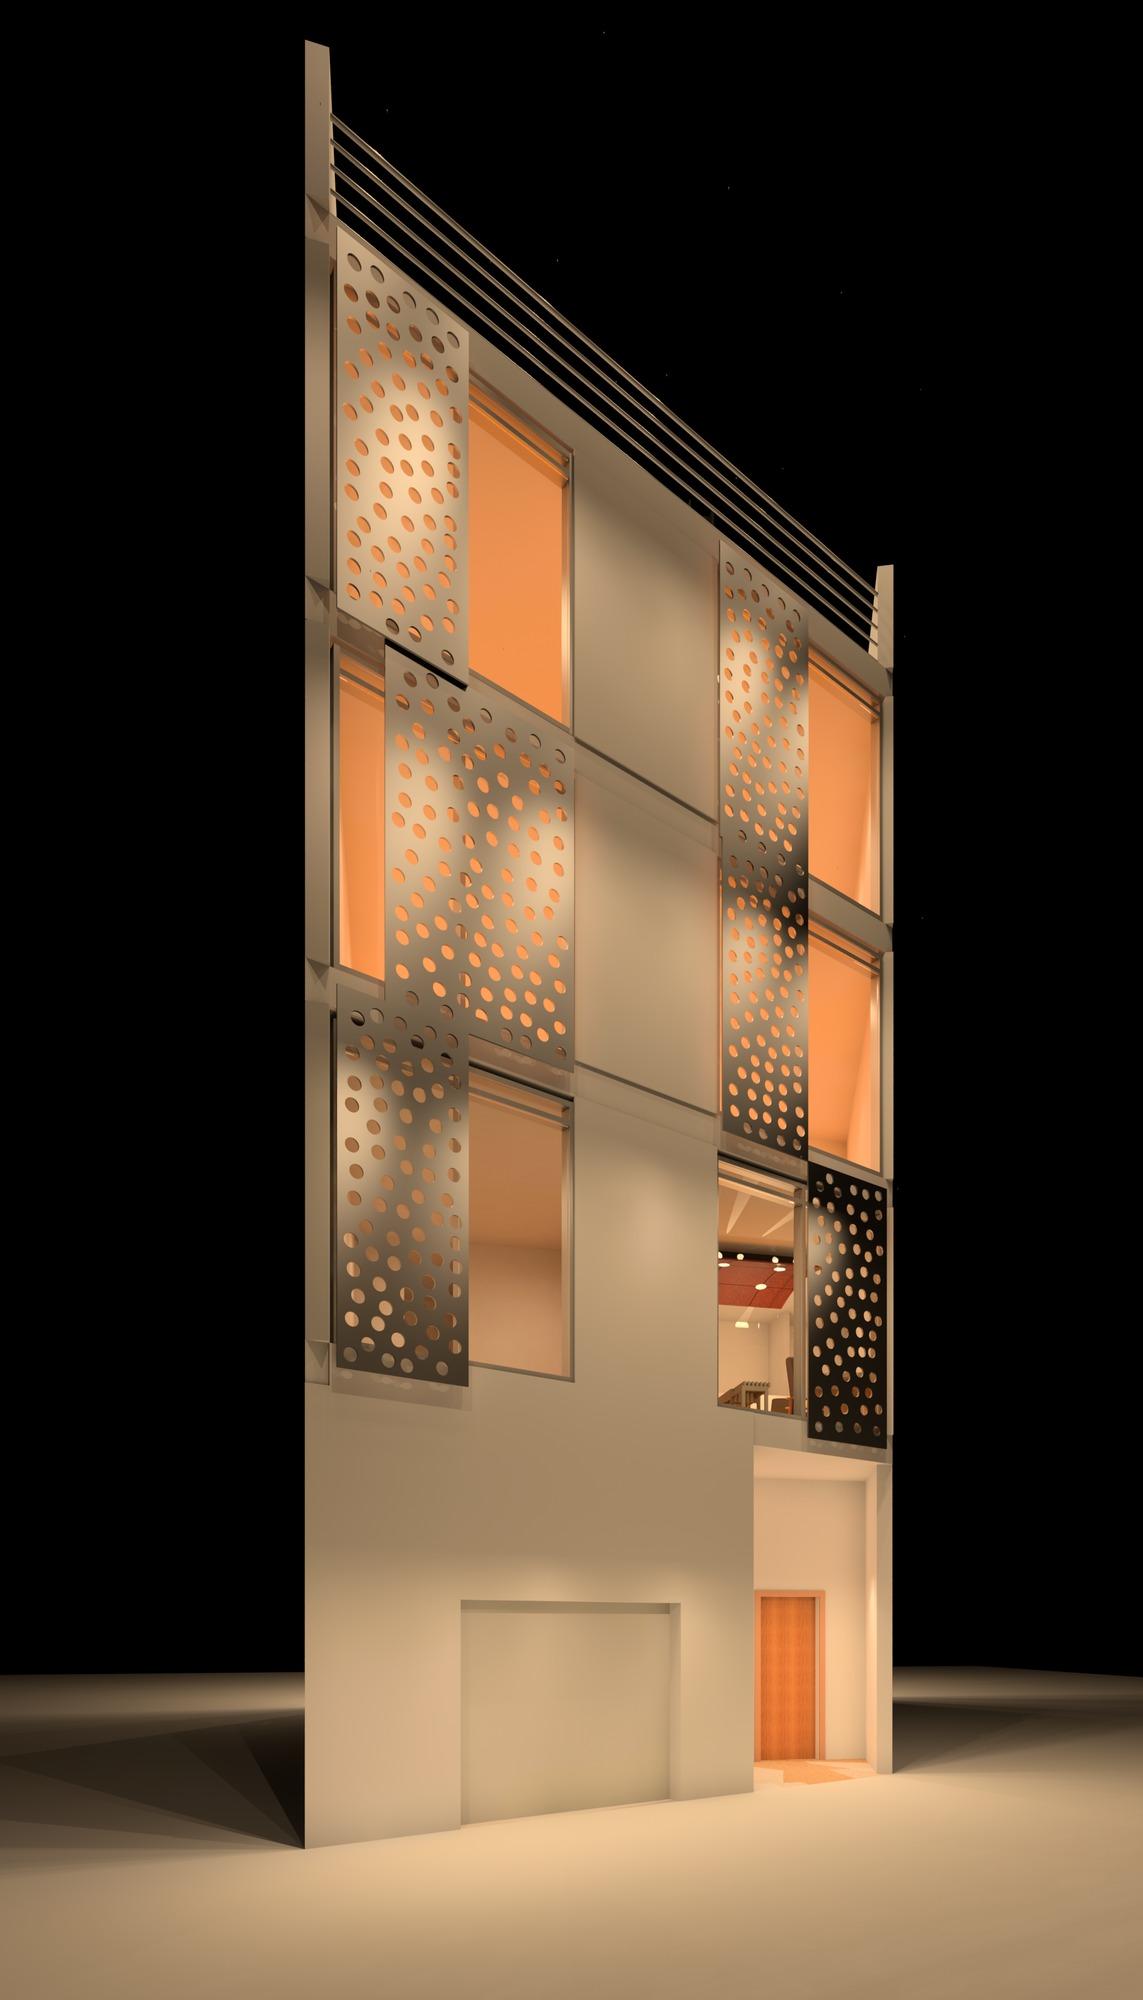 Raas-rendering20150105-17783-soygxp